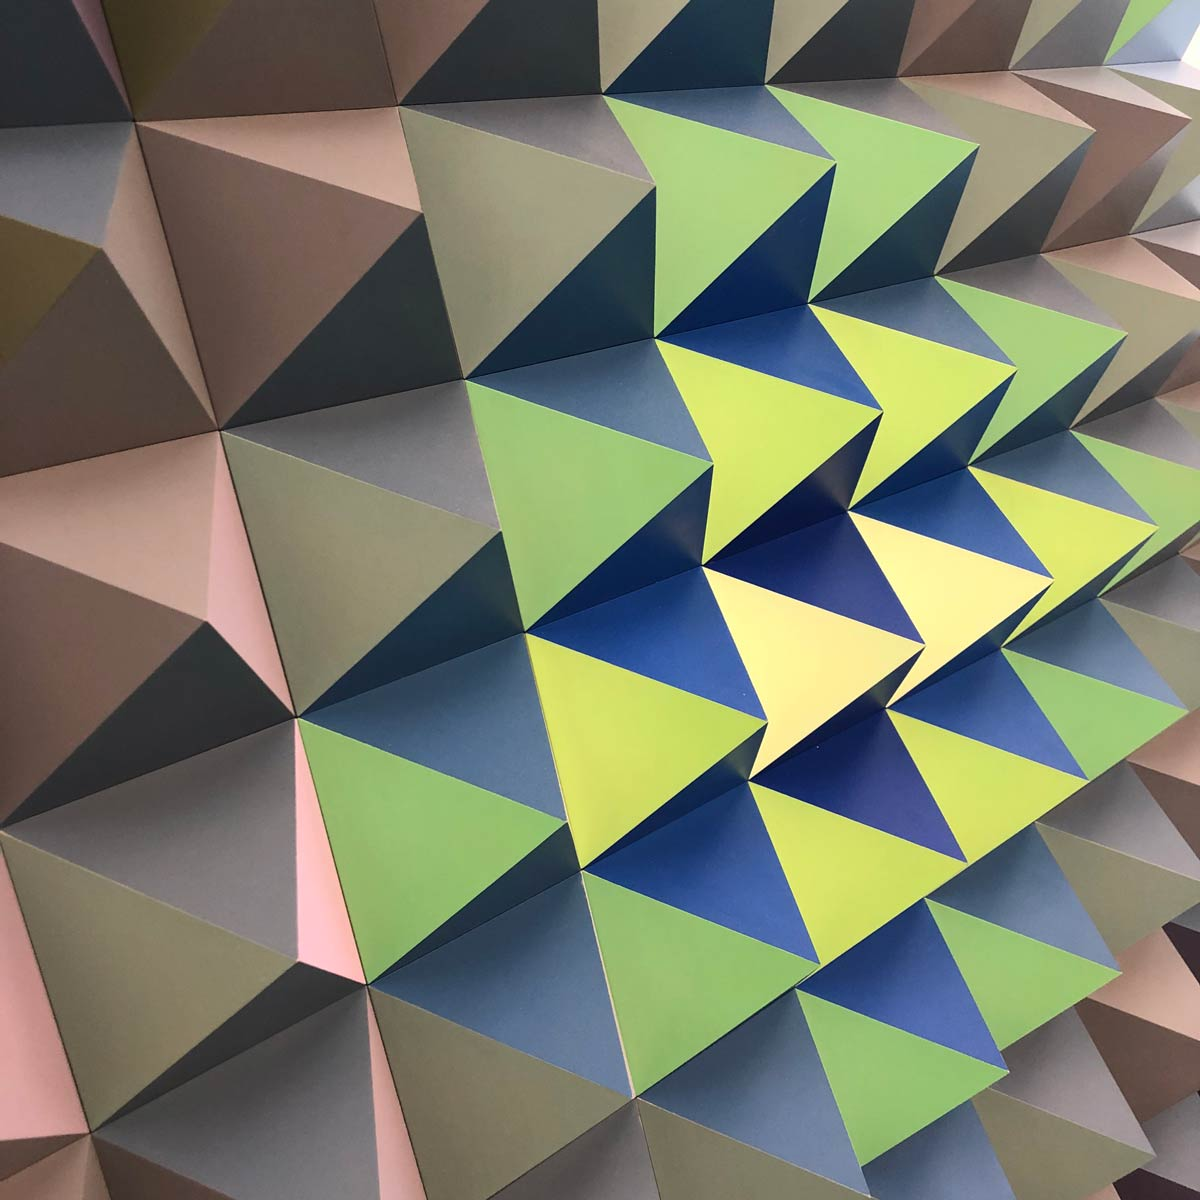 buntes Exponat mit 3D-Effekt aus hervorspringenden Dreiecken